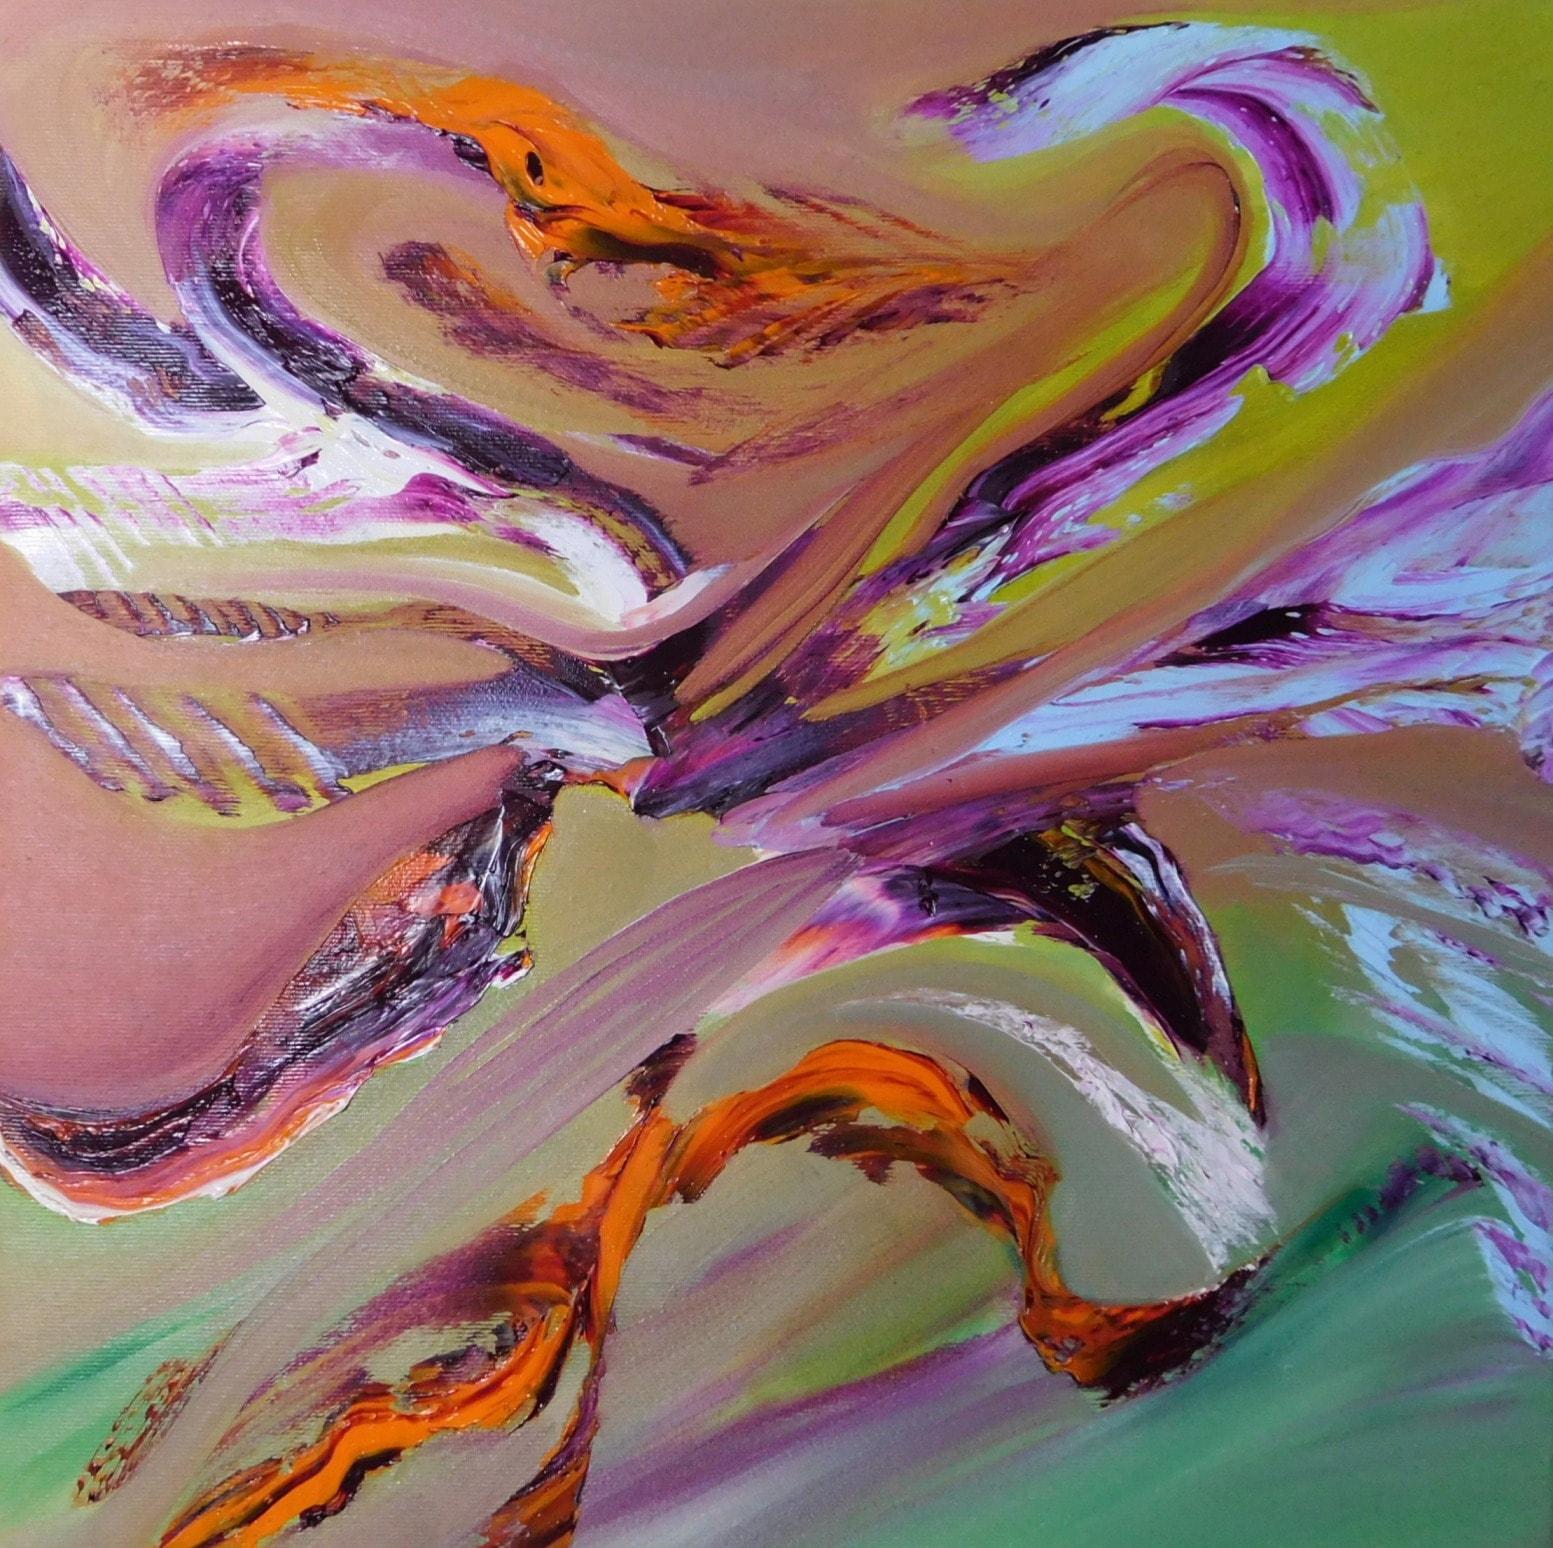 Continuum I, dipinto by Davide De Palma